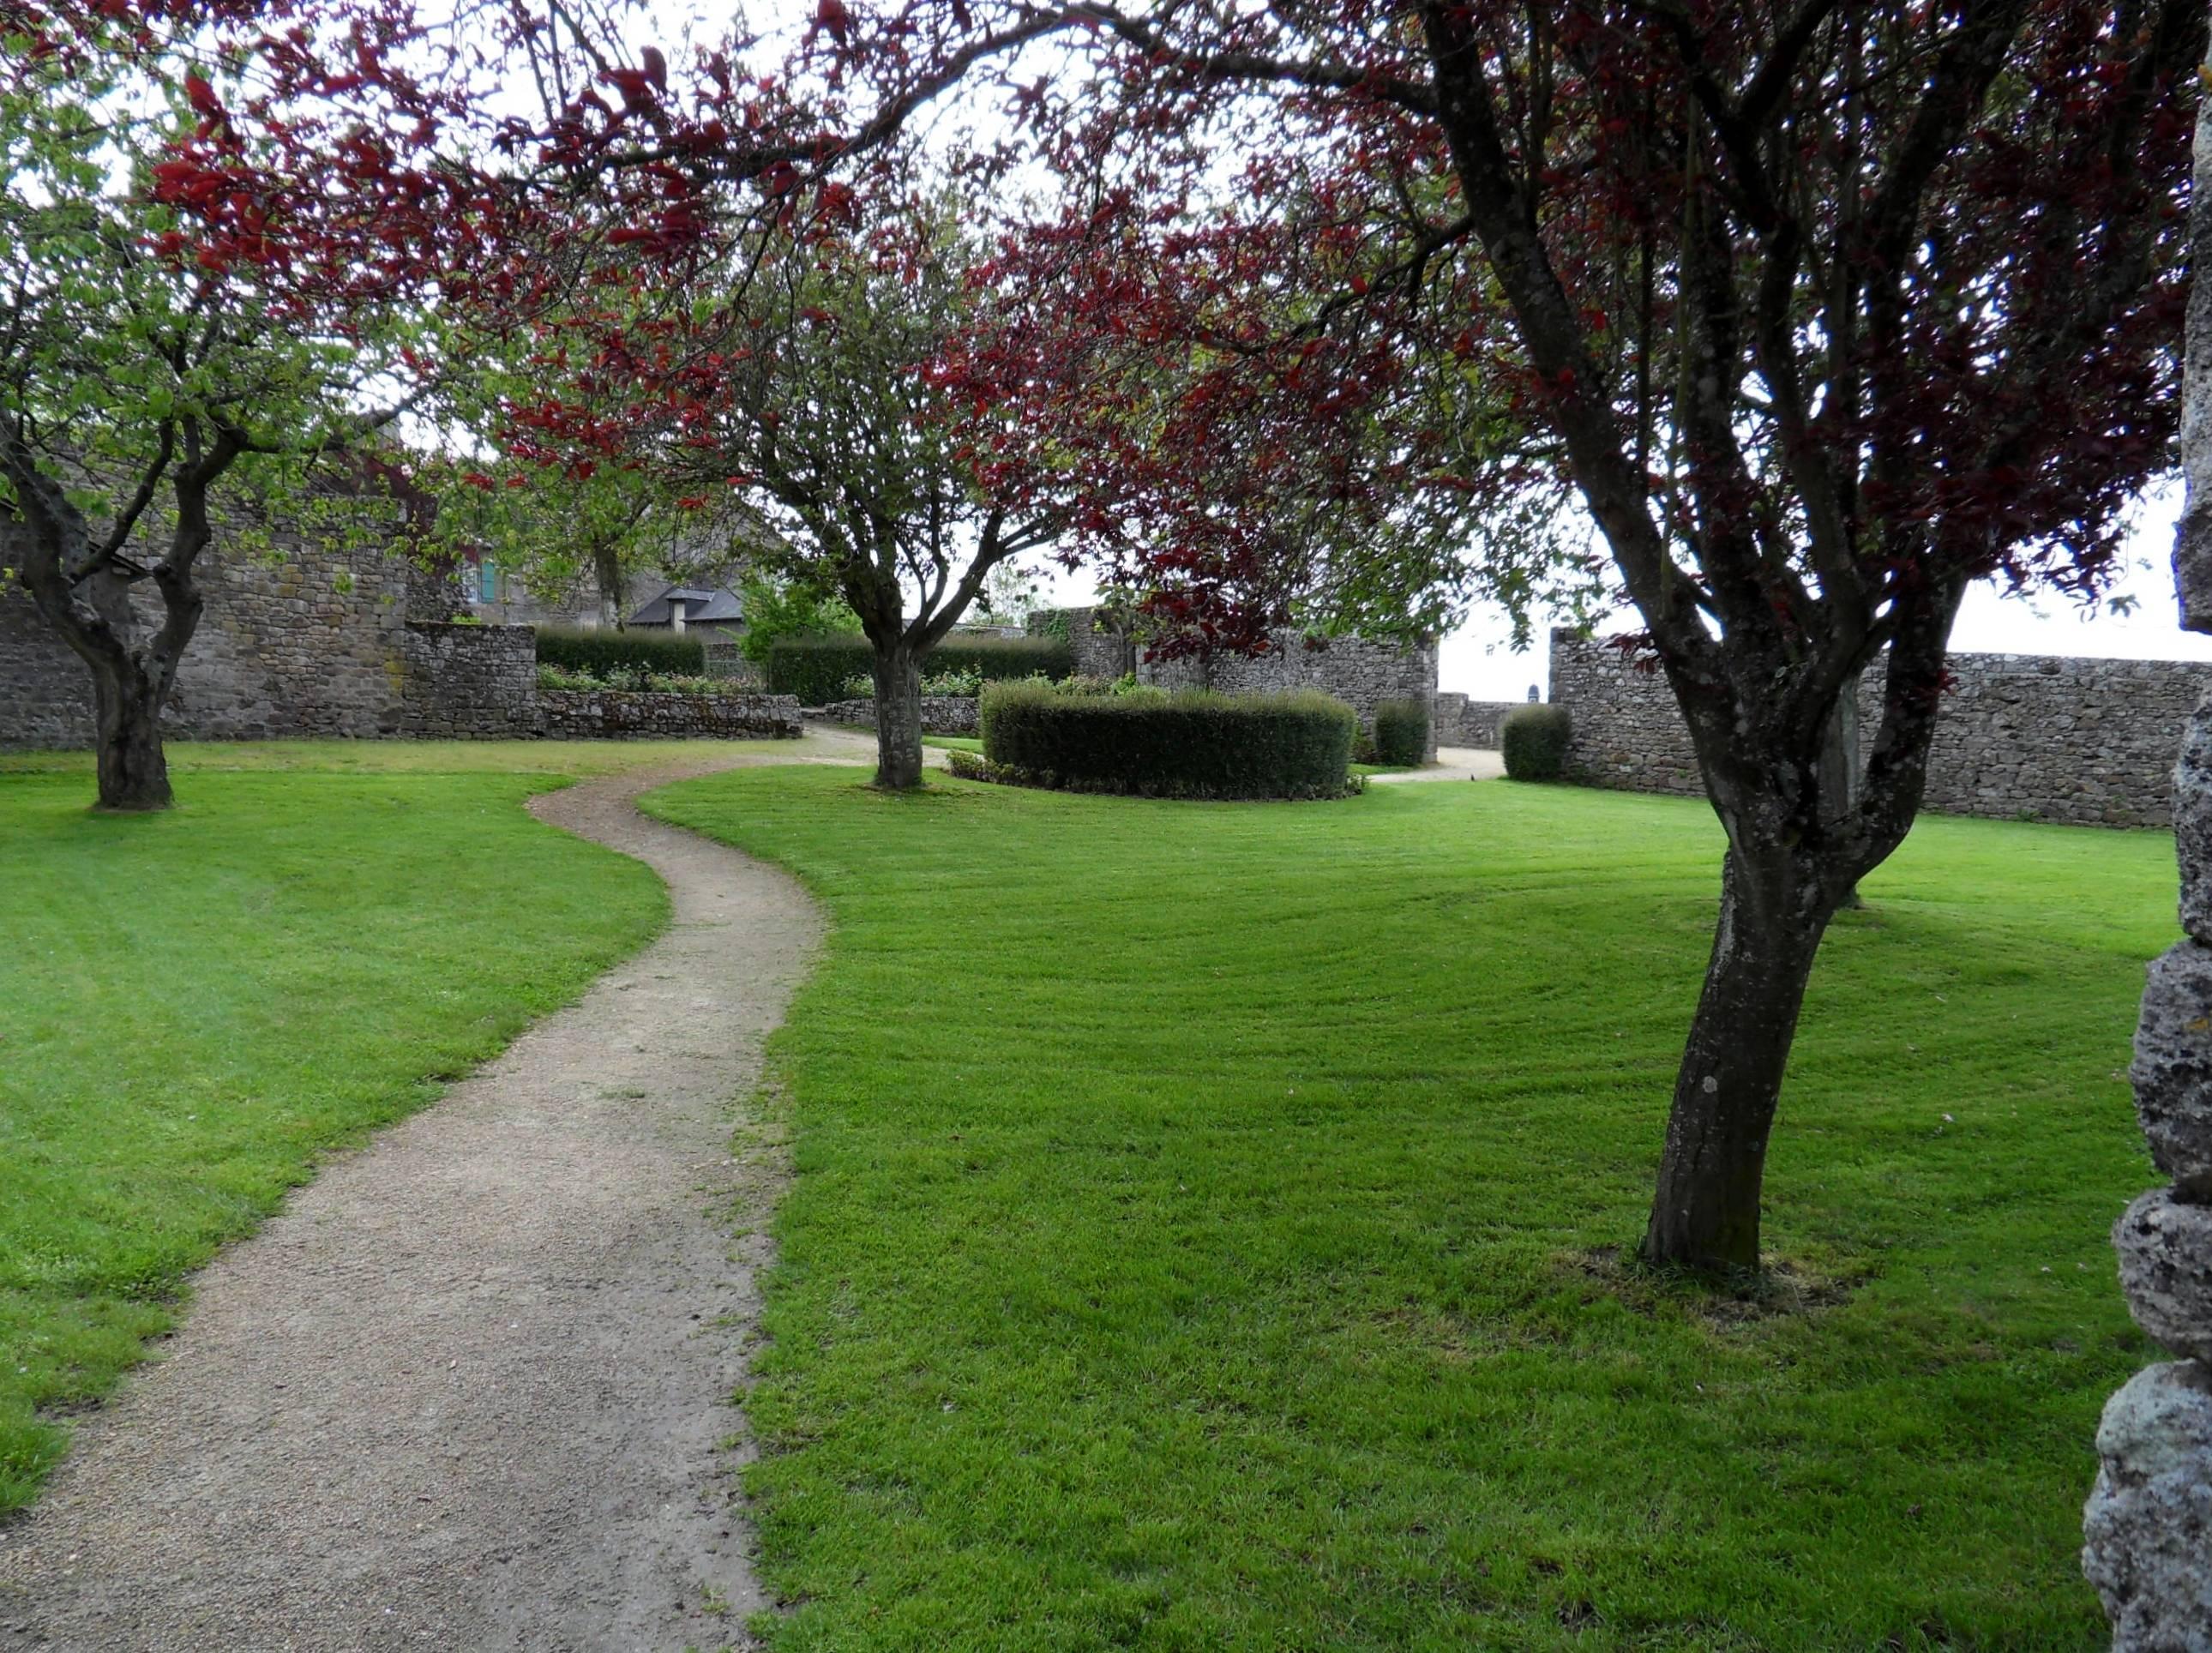 Photo 2: Bécherel, la petite cité du livre